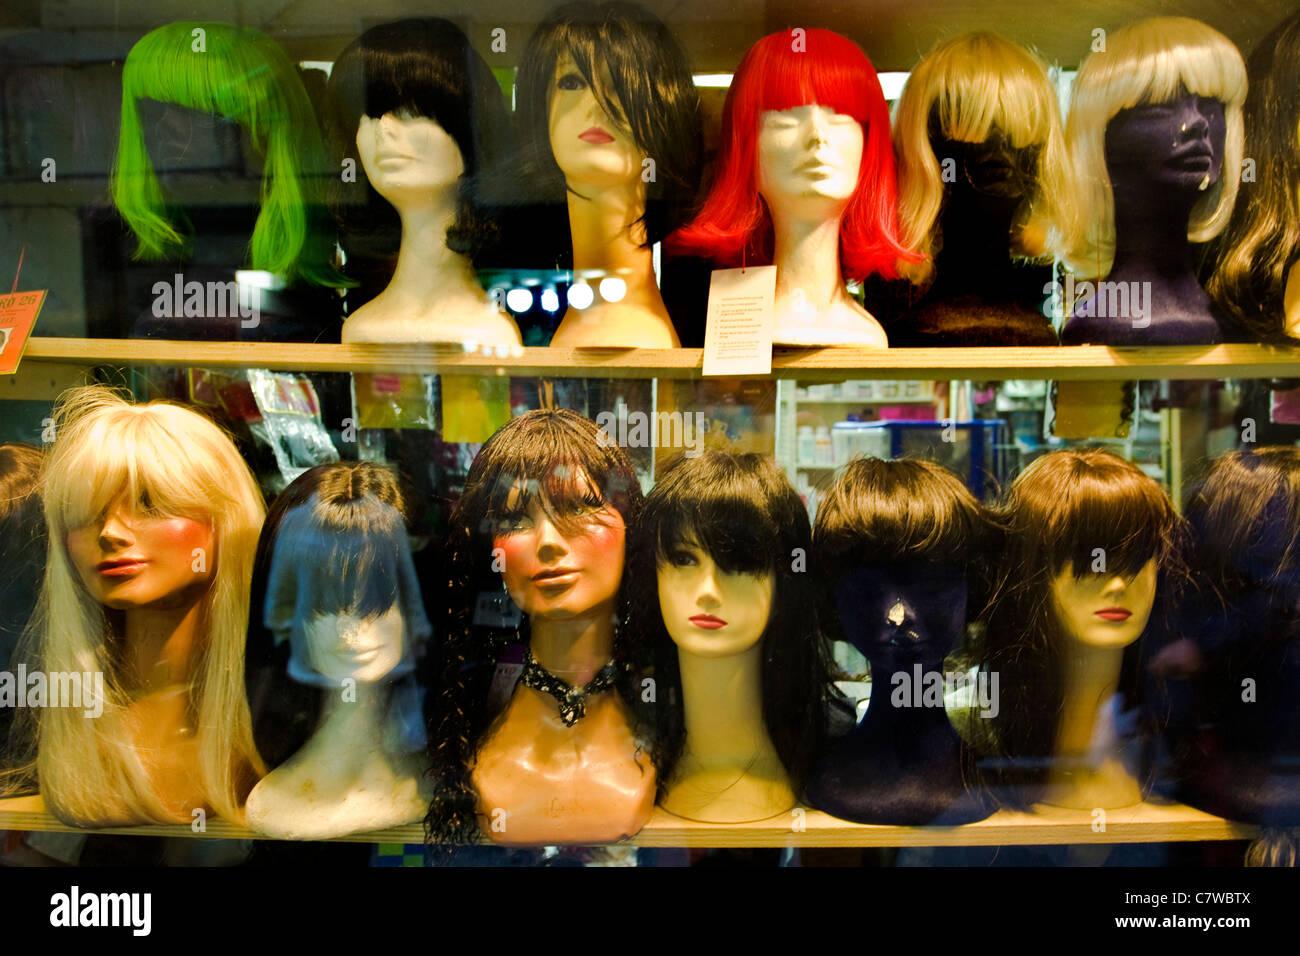 Perruques sur des mannequins Photo Stock